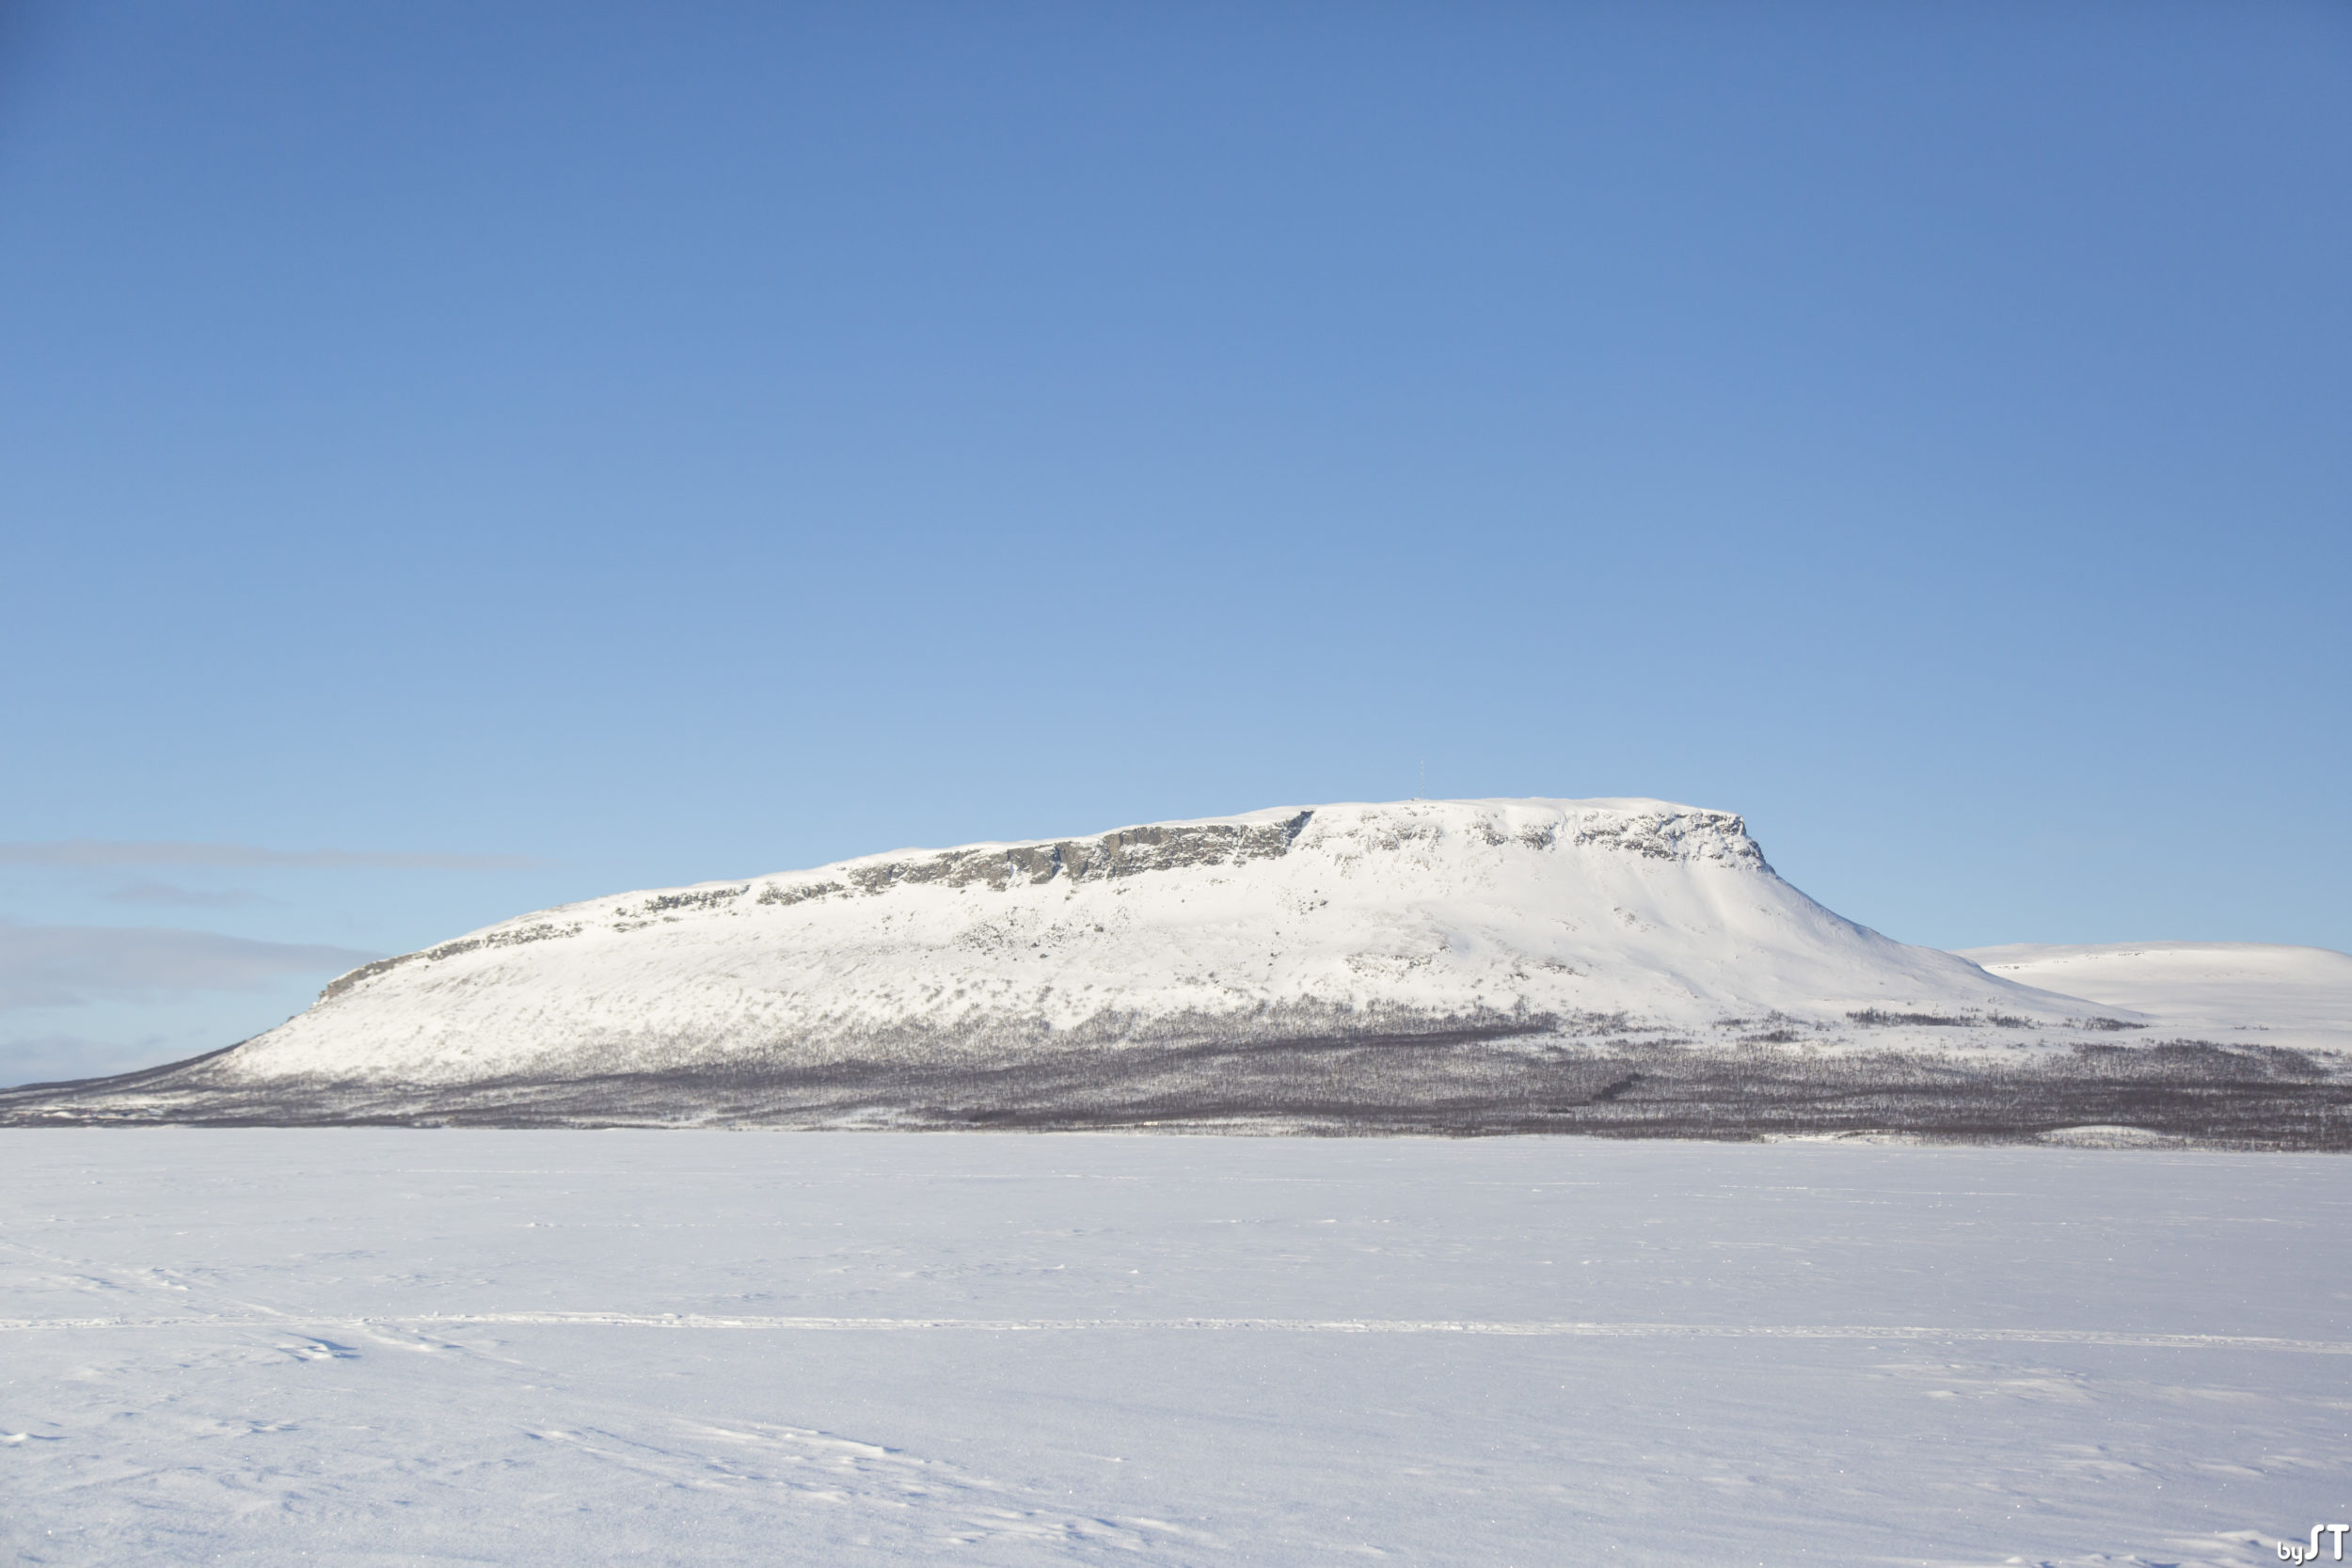 Le mont Saana (1 029 m) en Finlande